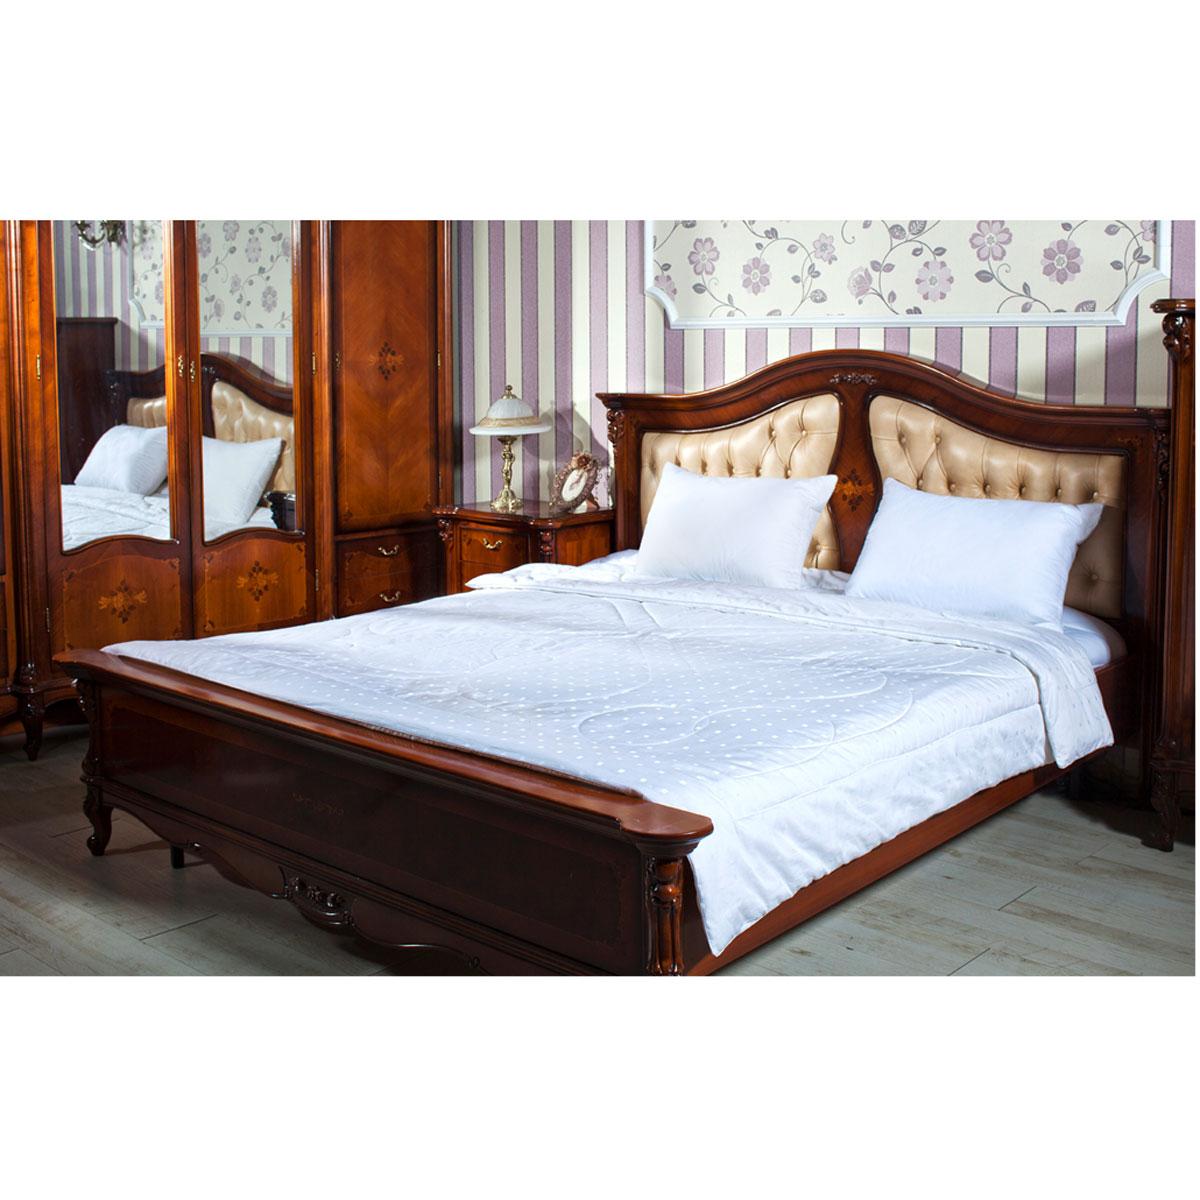 Одеяло Silk, наполнитель: шелк Тусса, полиэстер, цвет: белый, 200 х 220 см одеяло kazanov a luxury мulberry silk цвет слоновая кость 200 х 220 см